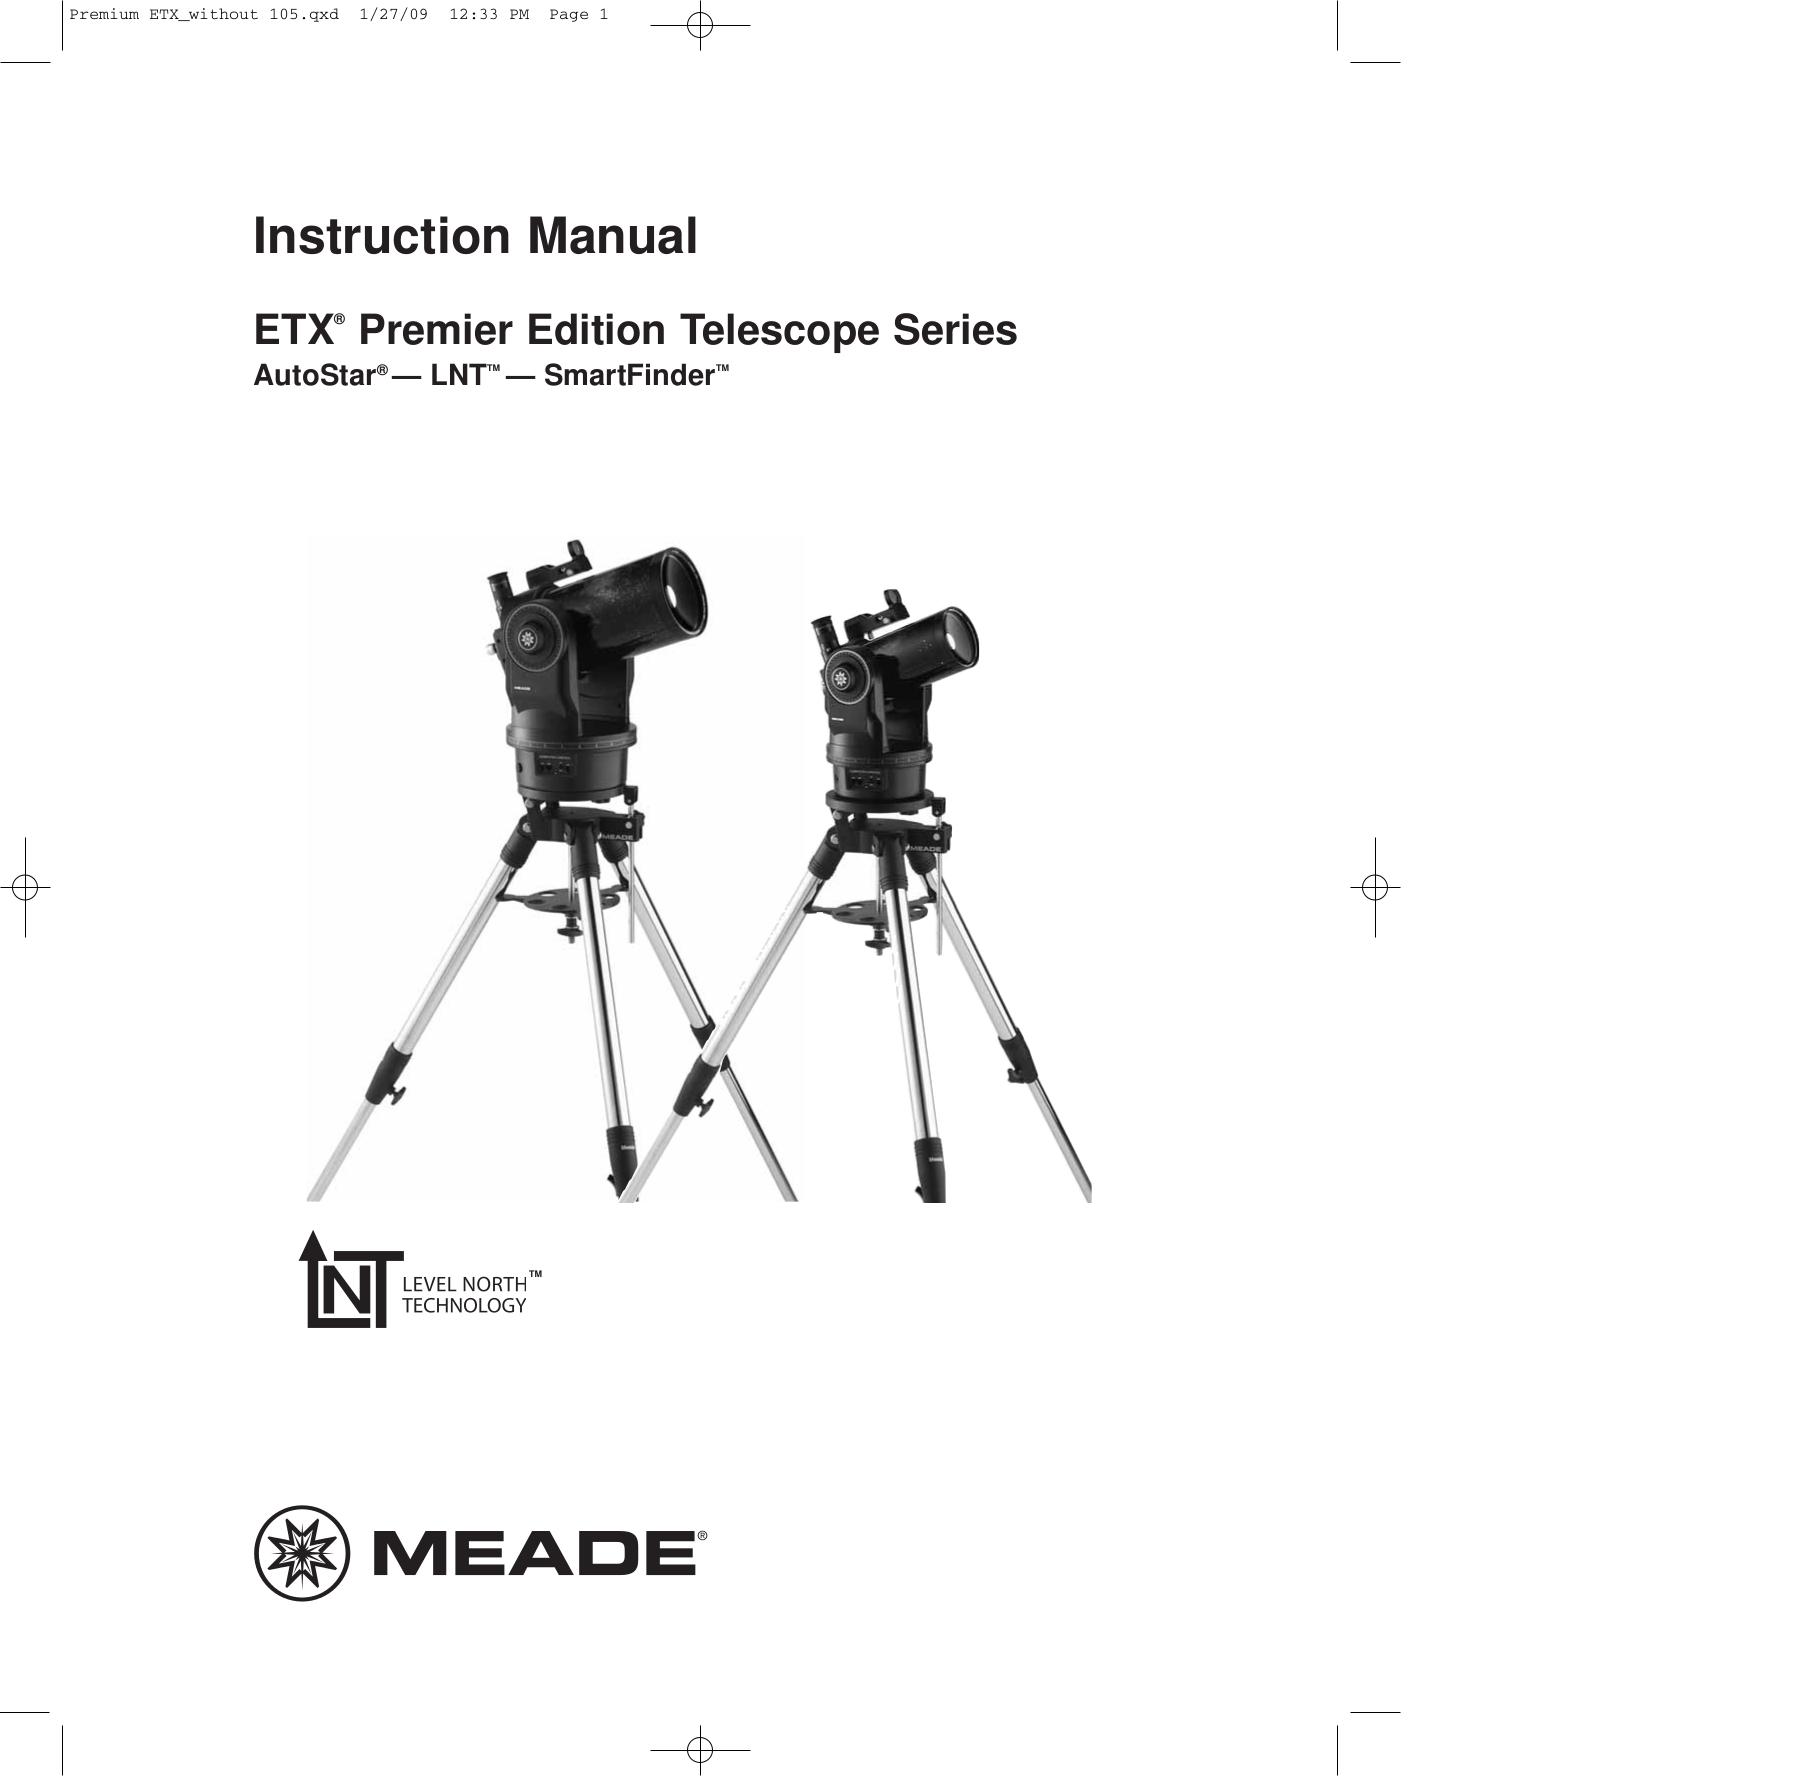 Meade etx 60 telescope manual